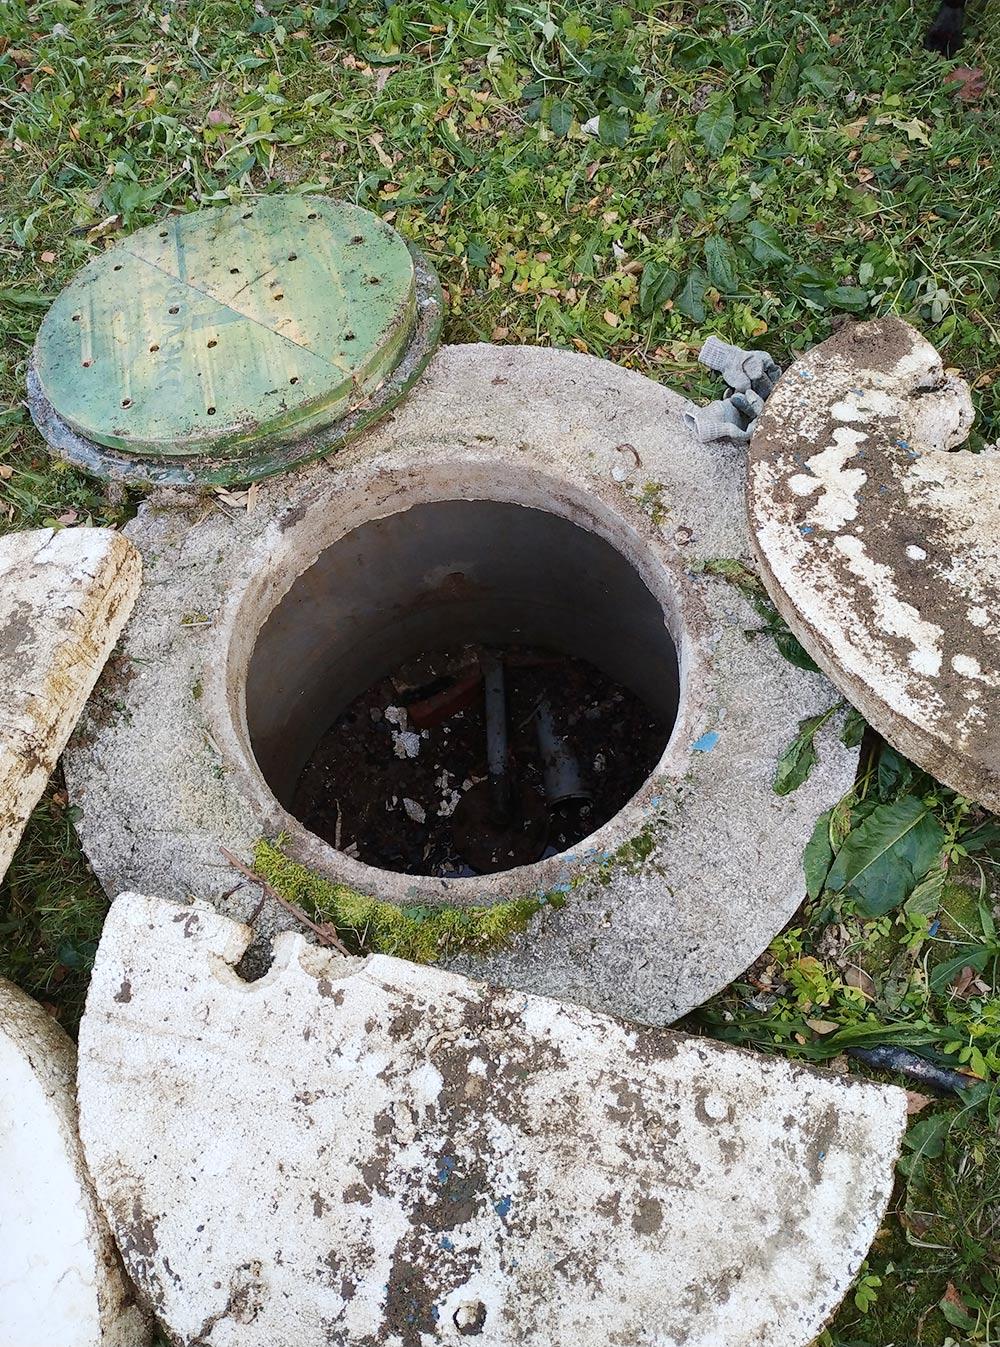 Облагороженная скважина на участке родителей мужа. Это колодец с термоизоляционной крышкой и дополнительная теплоизоляция из пенопласта. Внутри — скважина с оголовком и отводящей трубой, по которой вода поступает в дом